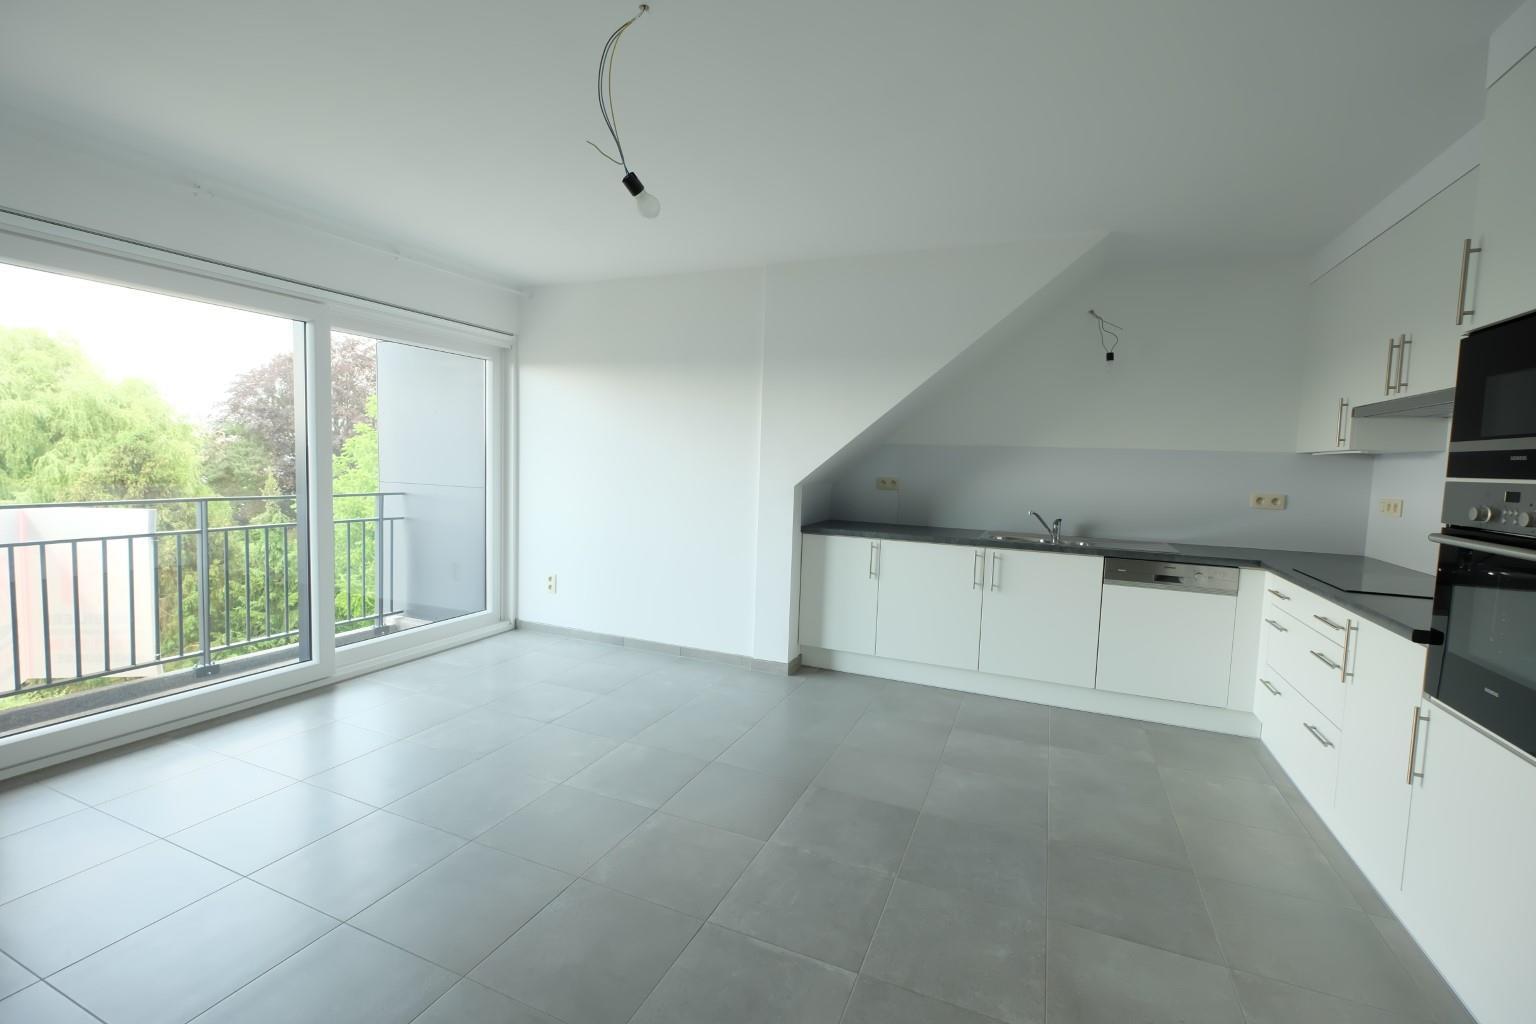 Appartement - Braine-le-Comte Hennuyères - #3450126-2